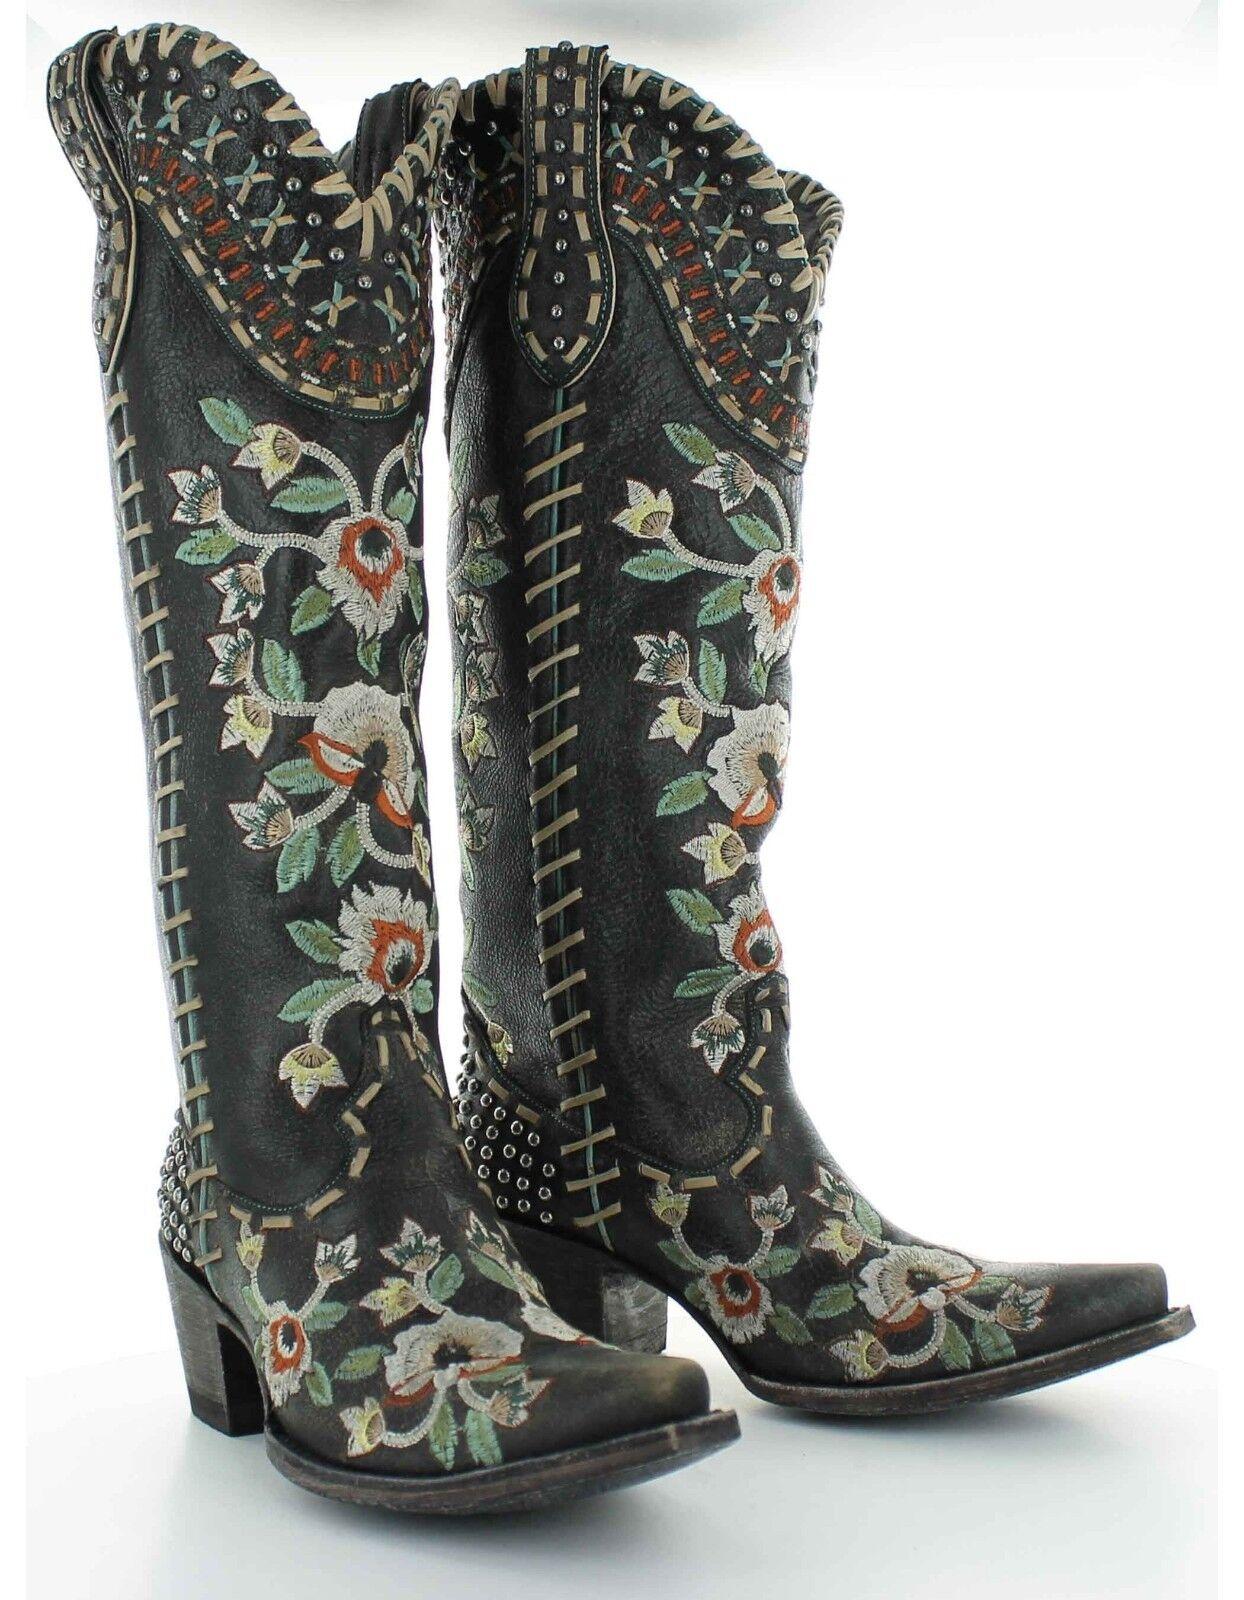 DDL026-2 doble D Ranch Almost Famous Negro Negro Negro Bordado Floral botas Altas  alta calidad y envío rápido